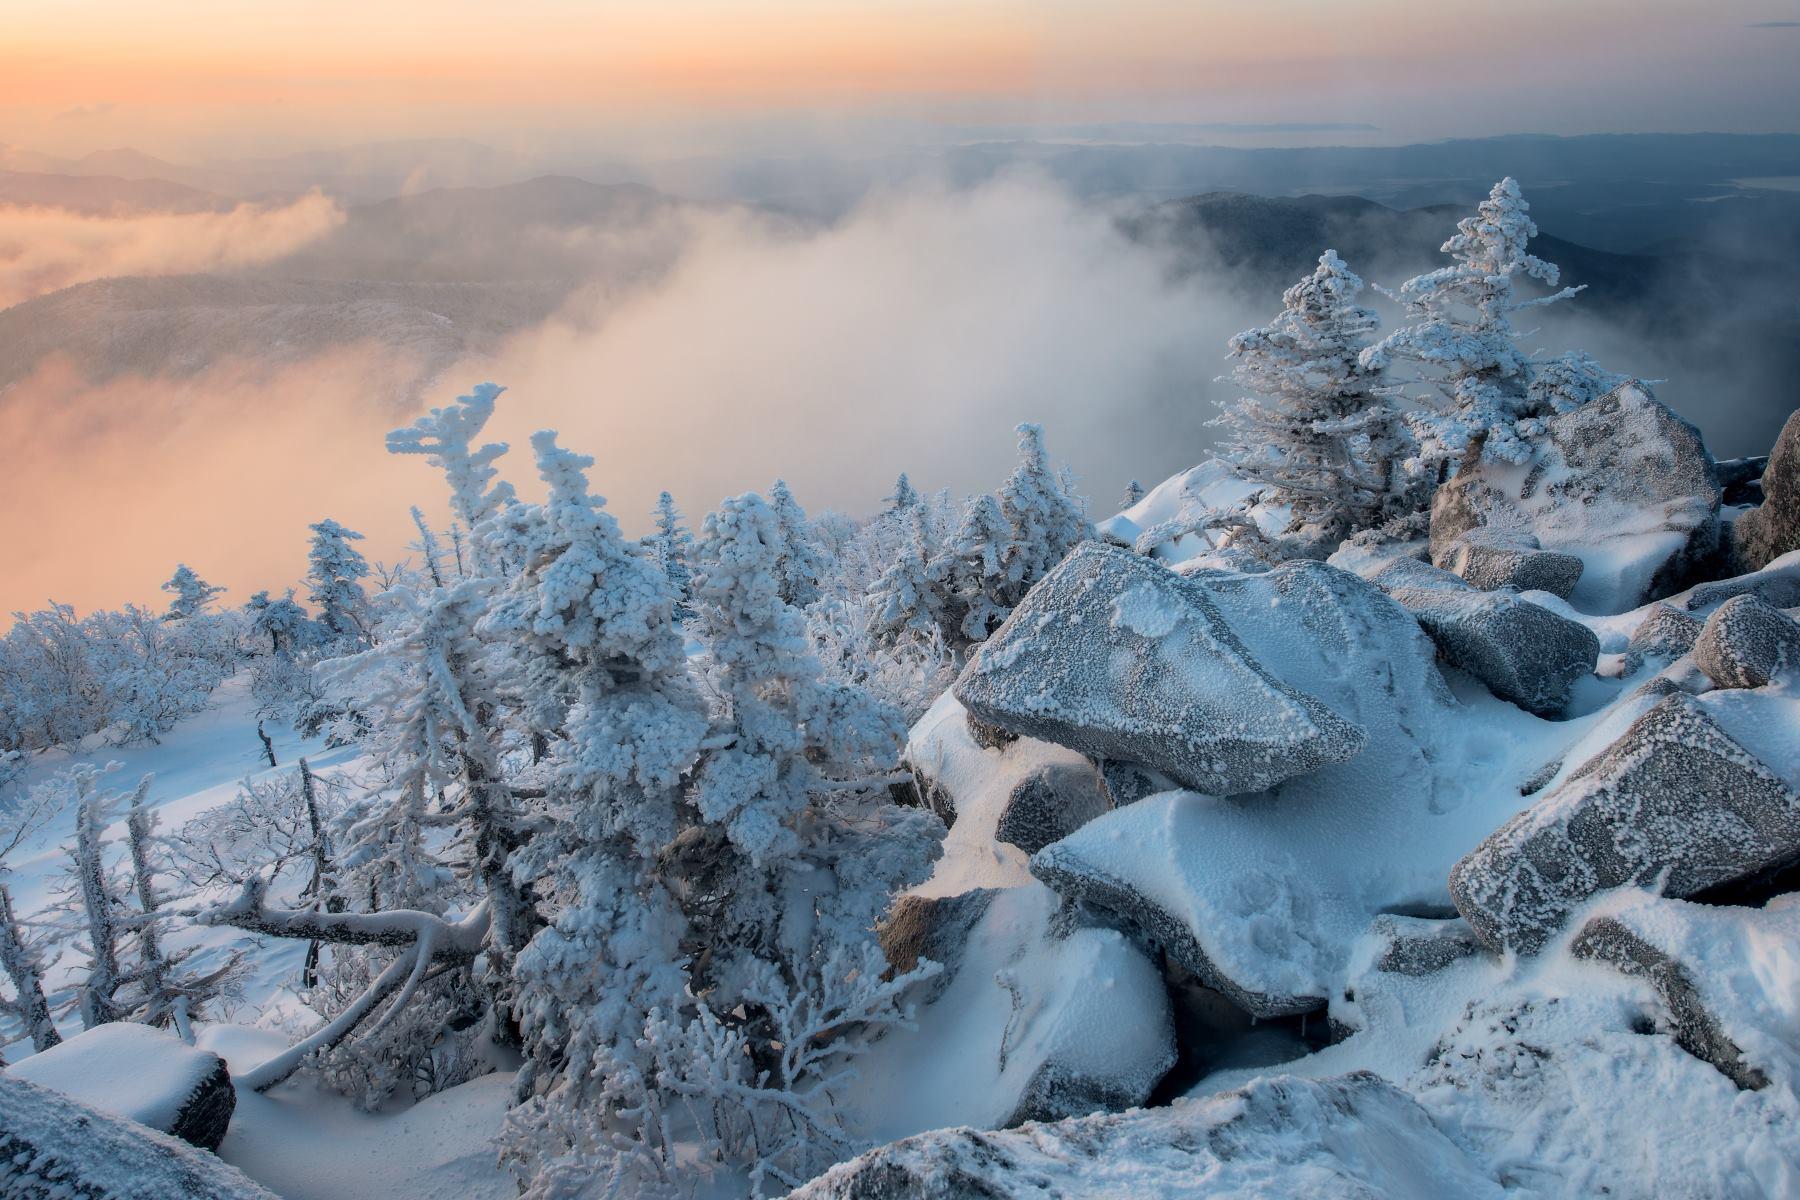 Снег, горы, Приморский край, зима, Виталий Берков